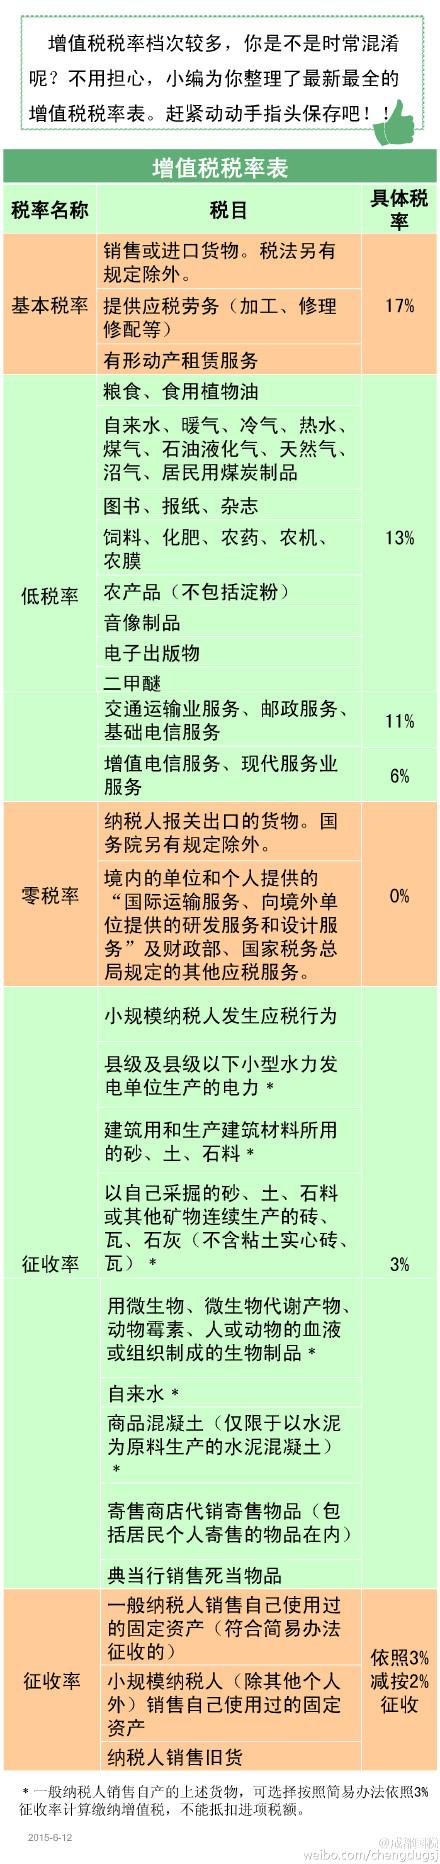 增值税税率及征收率(2015年).